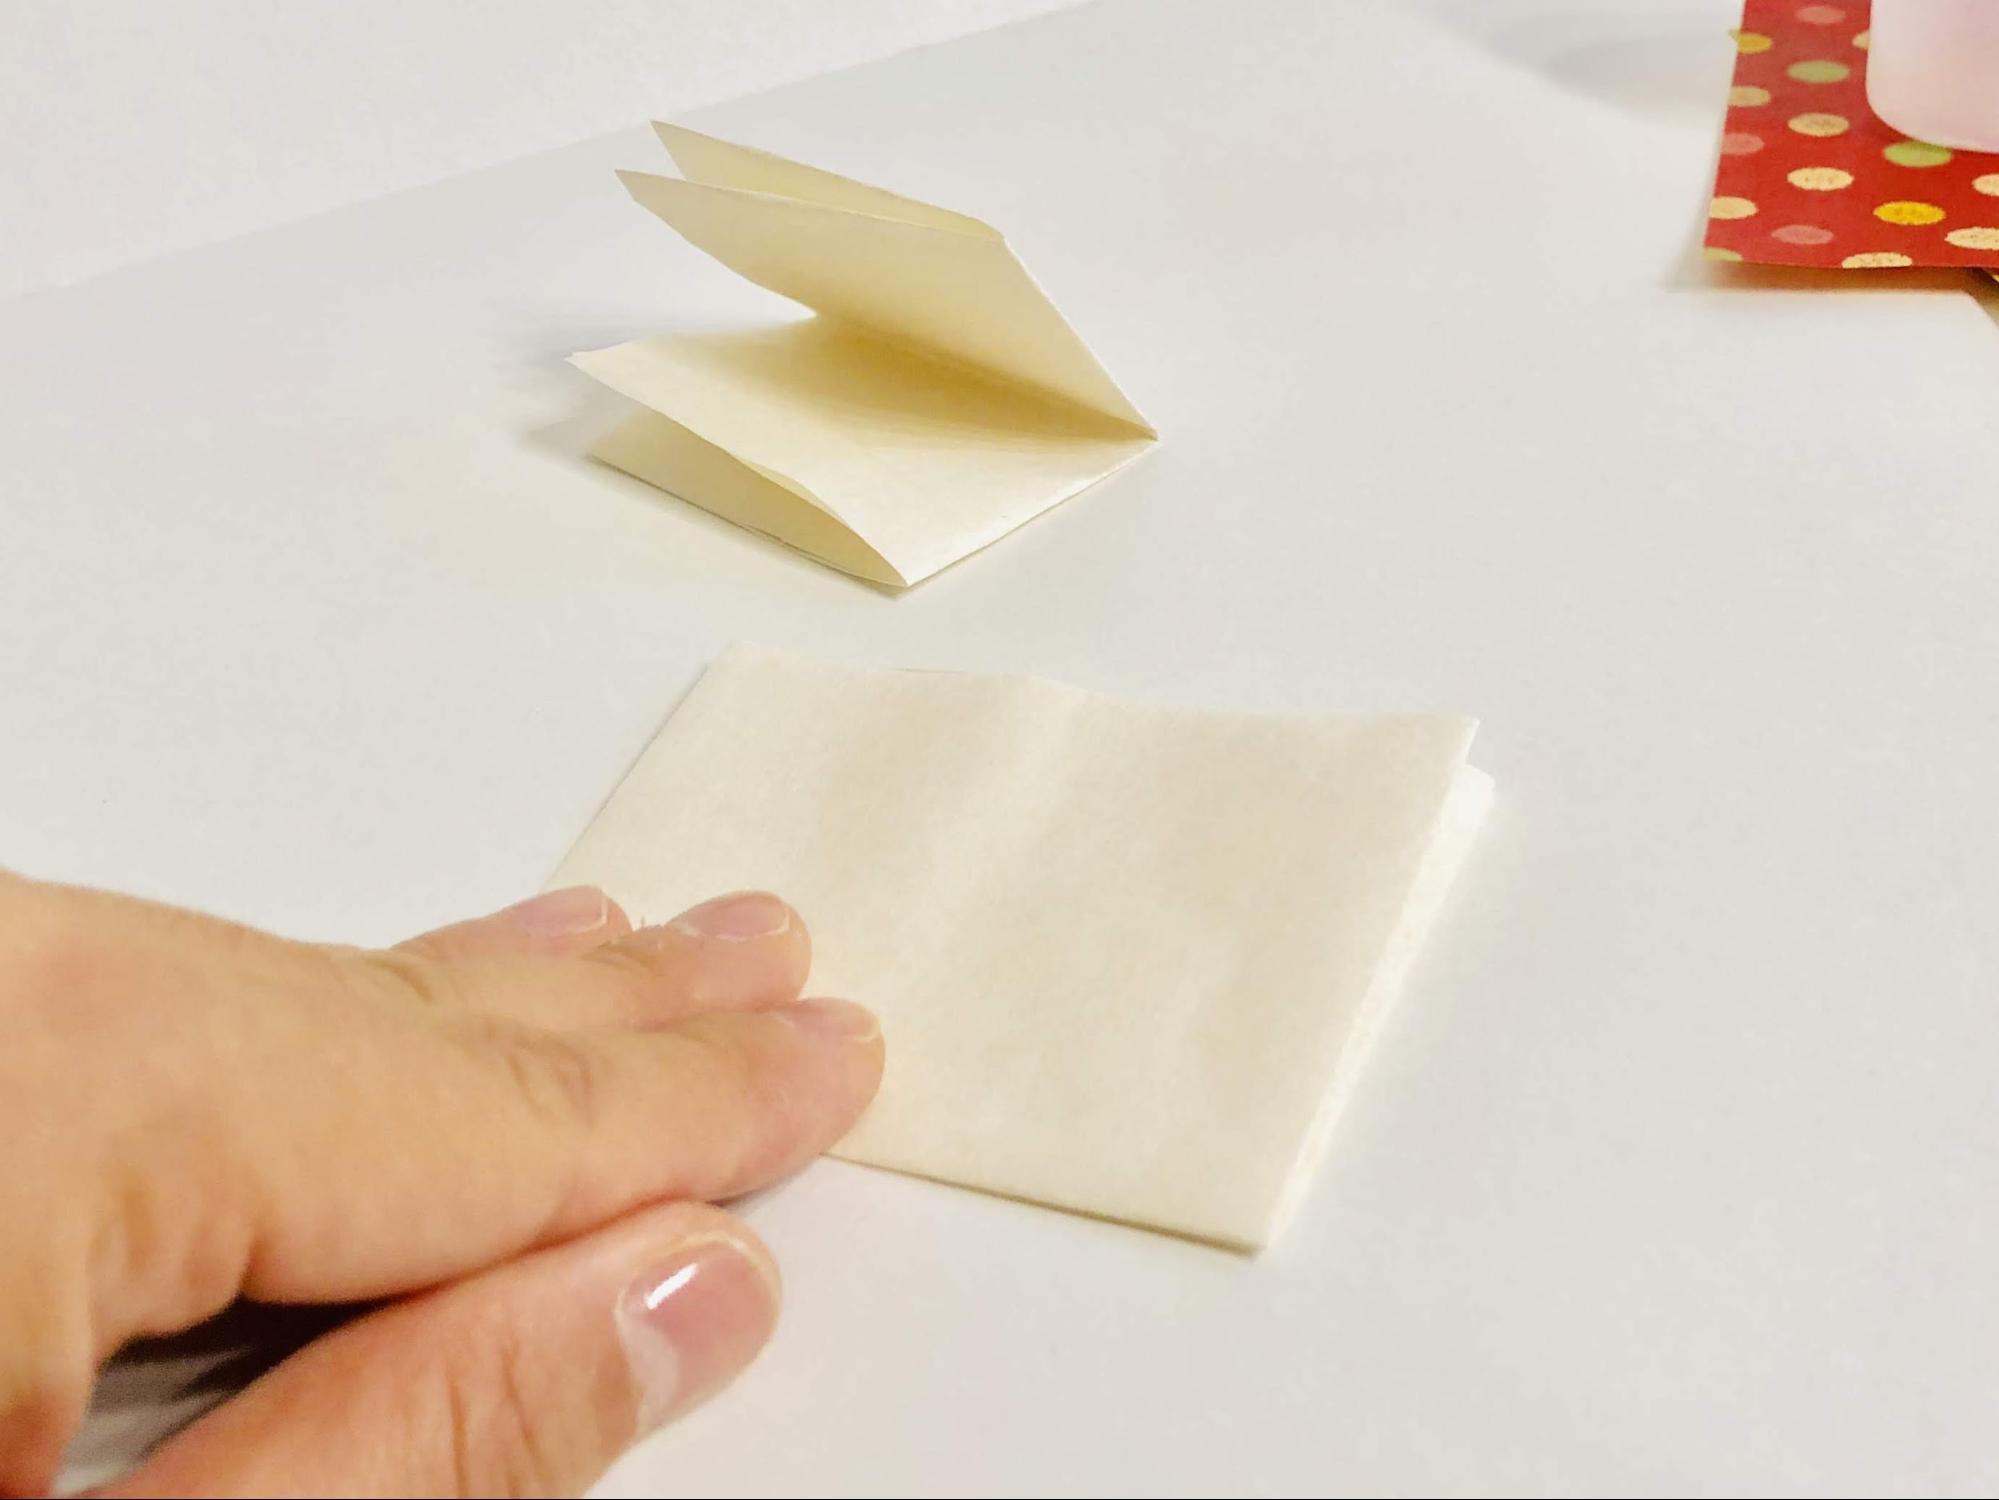 半紙を半分に折り、更に半分に折ります